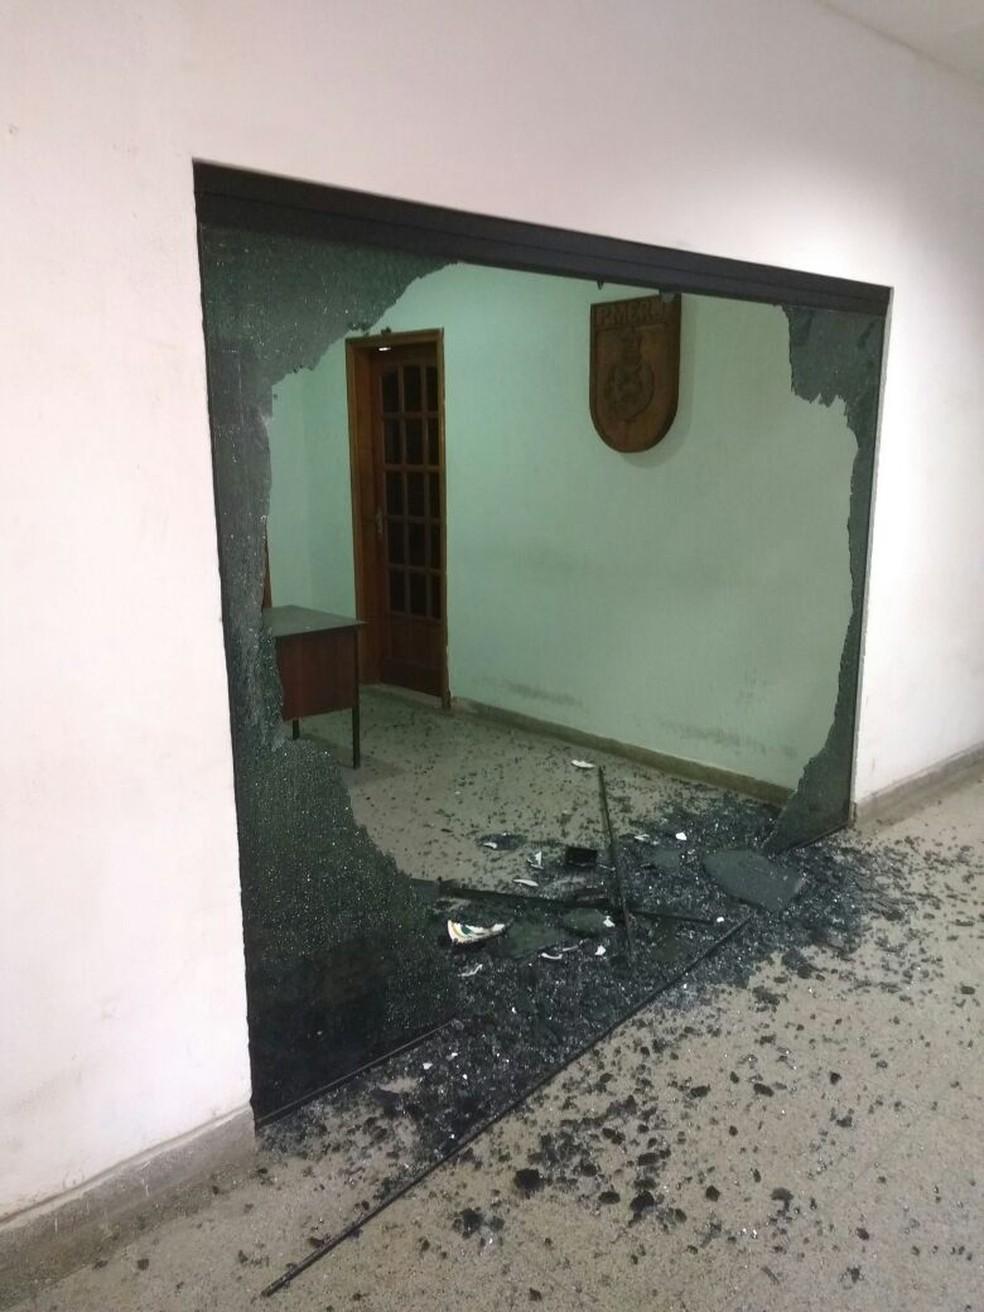 Estilhaços ficaram espalhados após disparos (Foto: Enviado por WhatsApp)